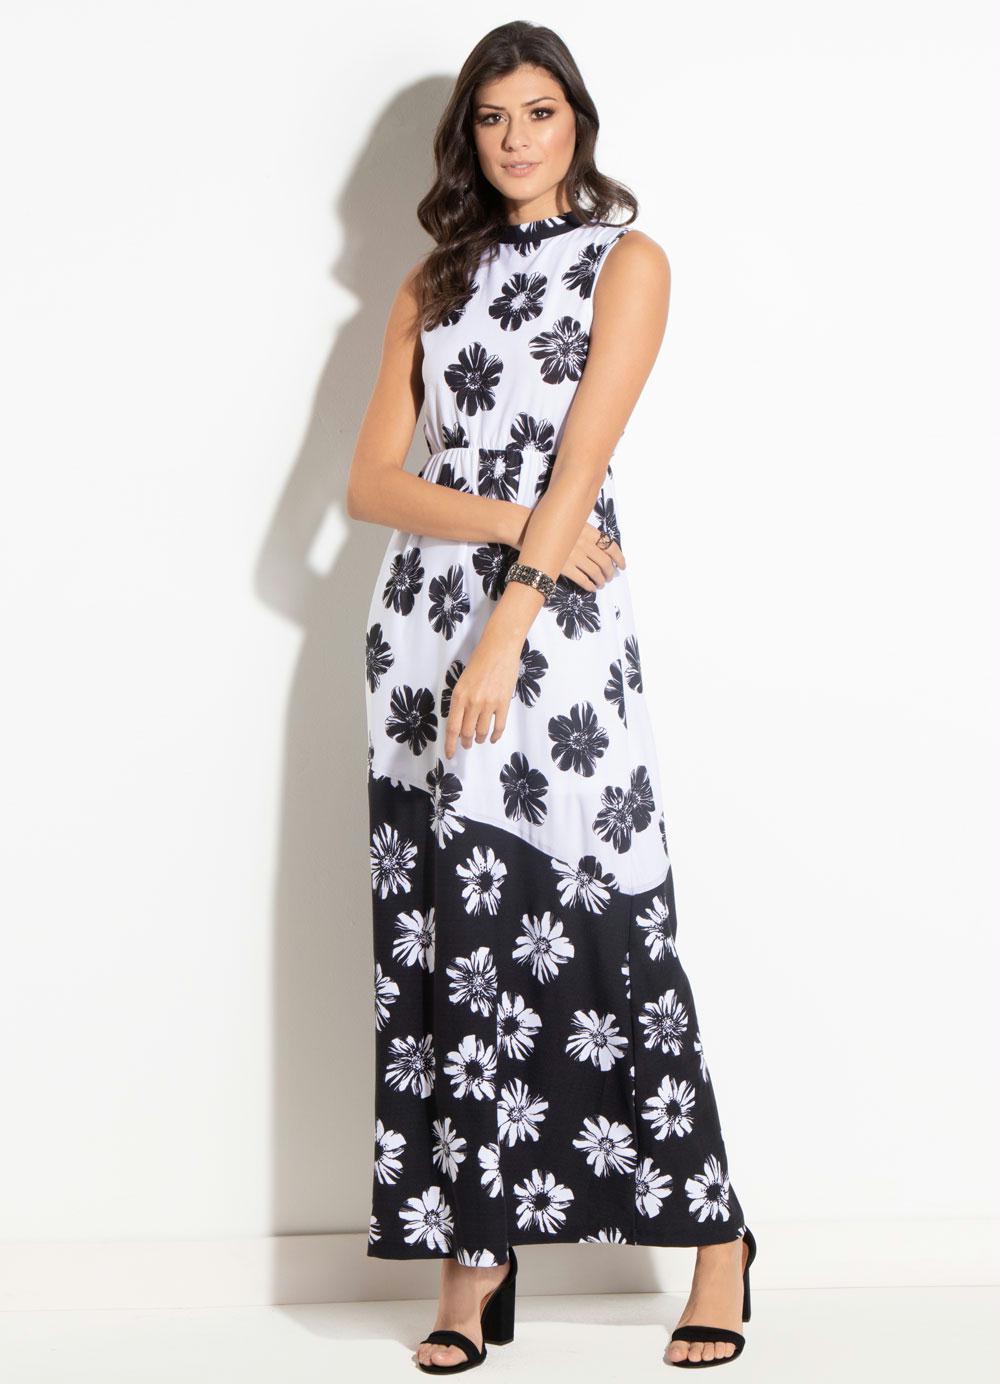 ae19ab0a4 Vestido Longo Quintess Floral Preto e Branco - Quintess